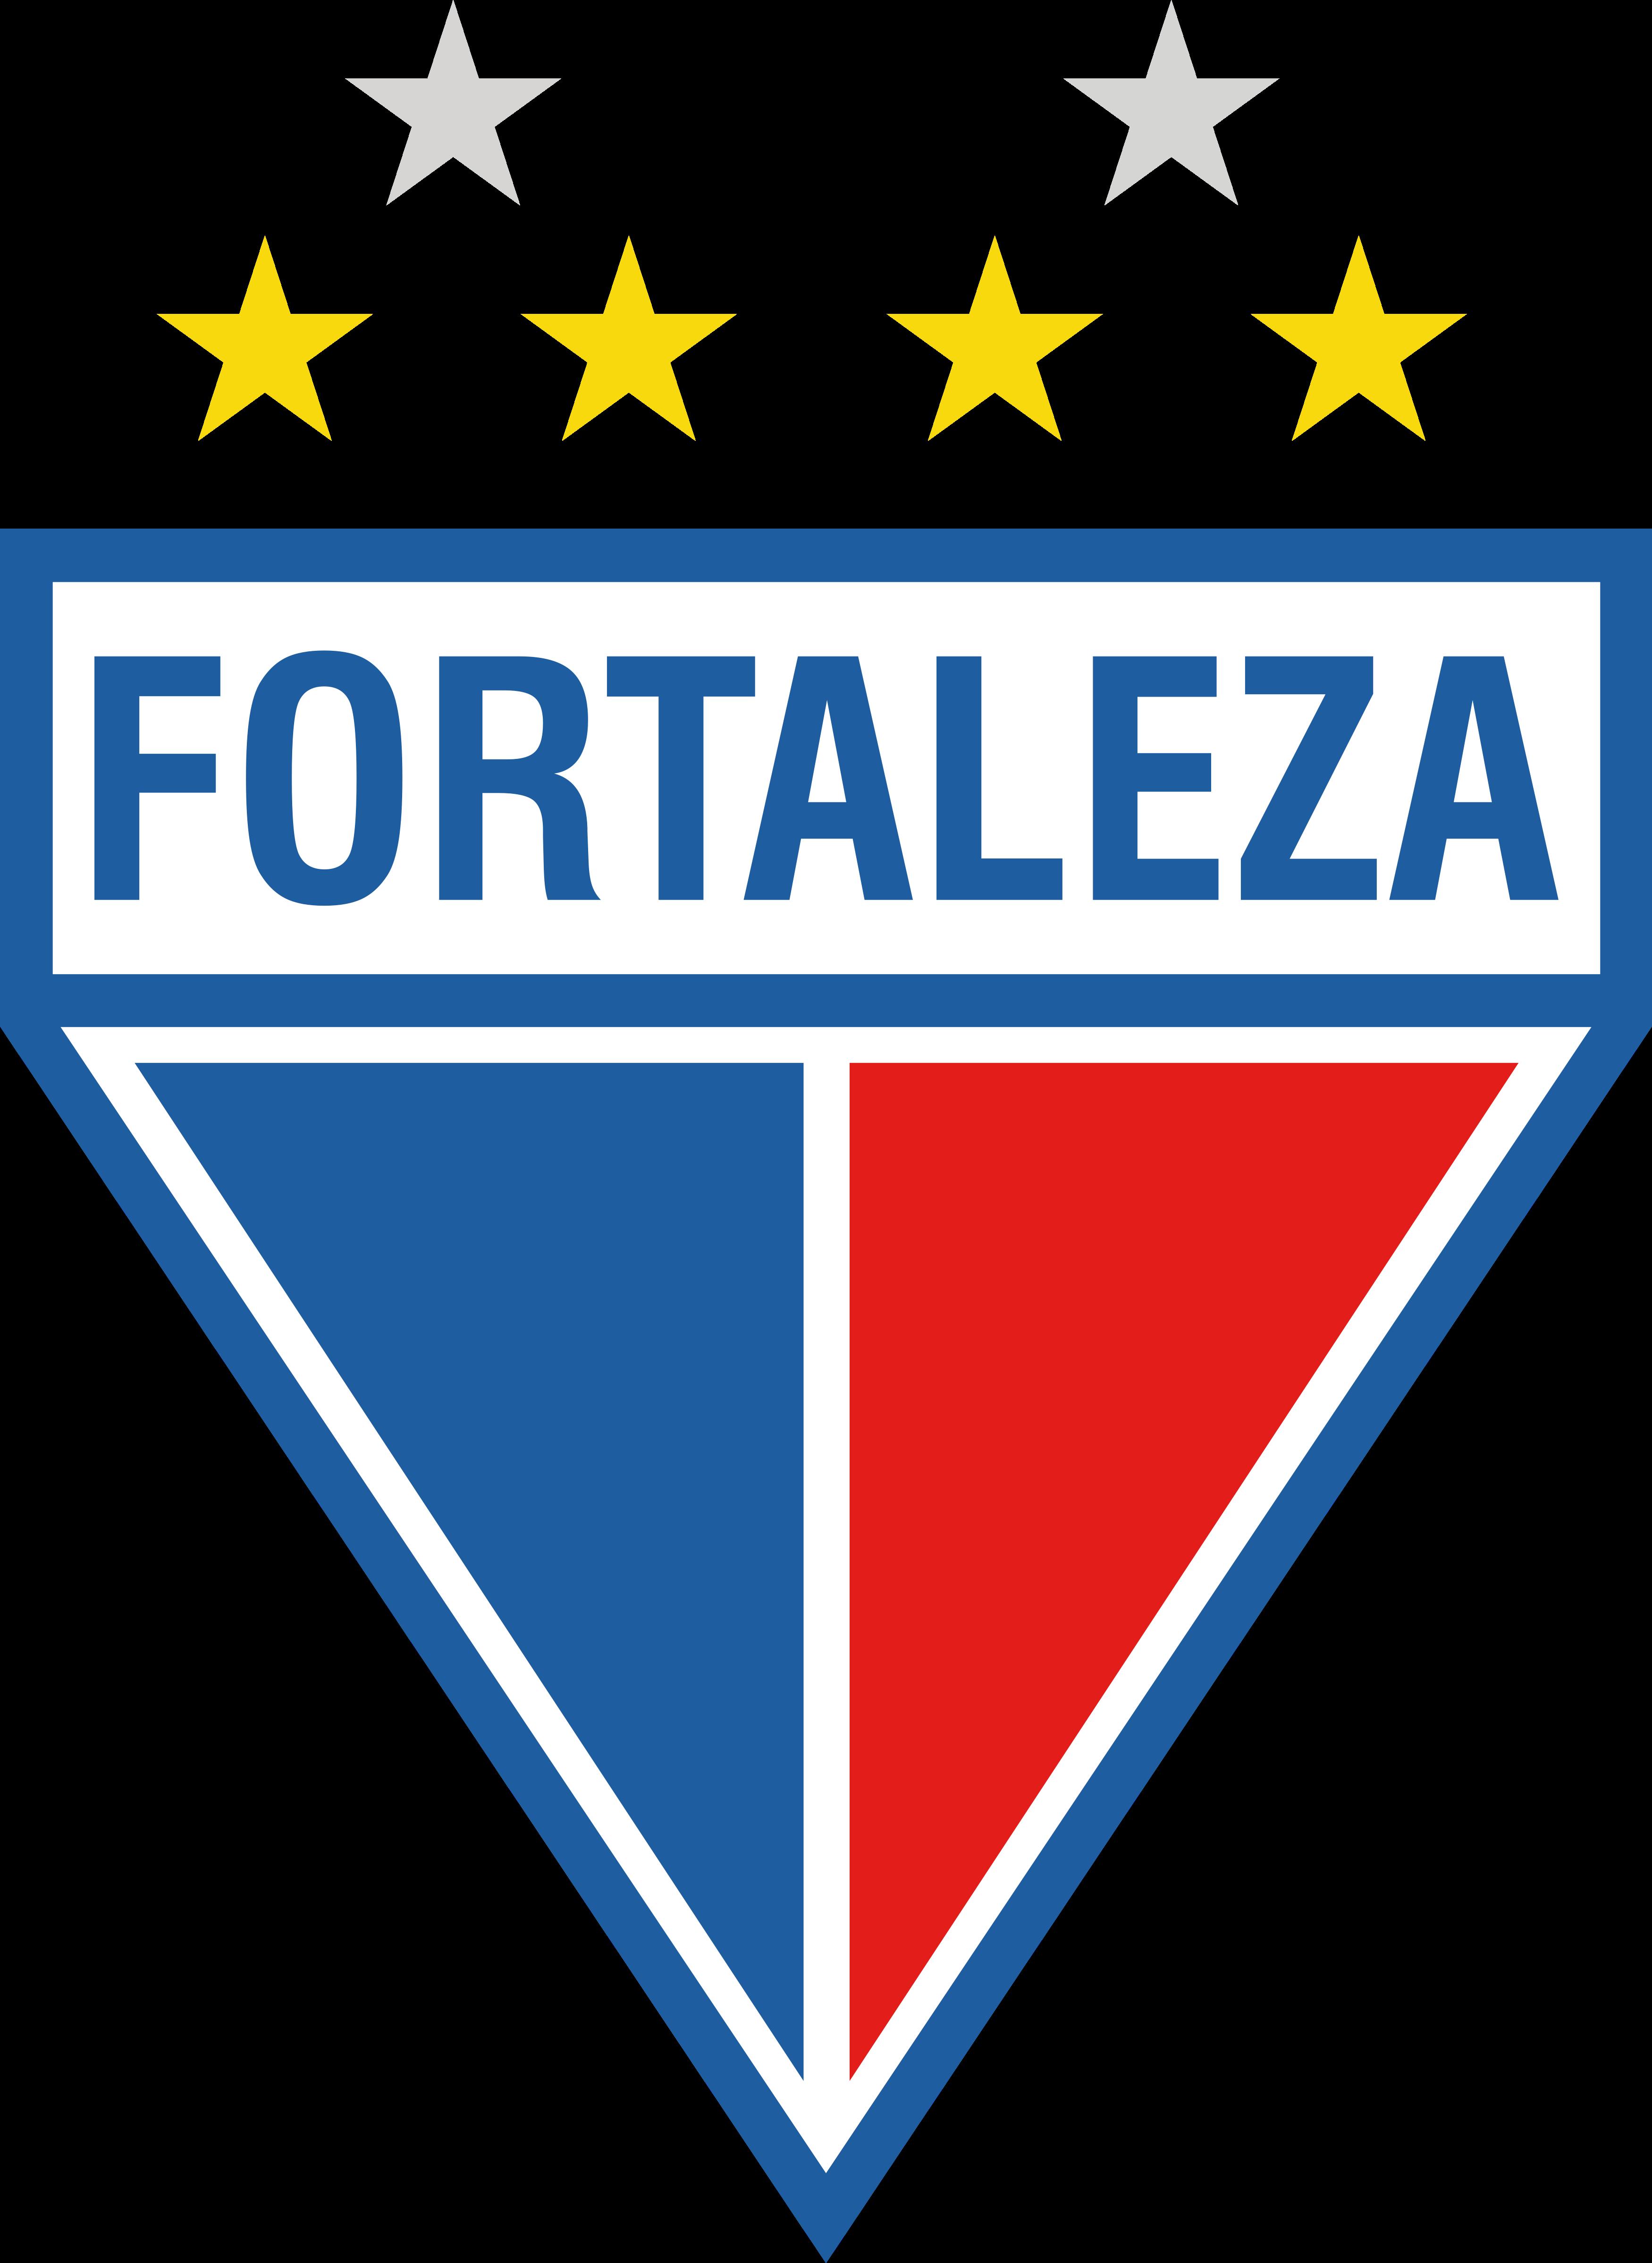 fortaleza-ec-logo-escudo